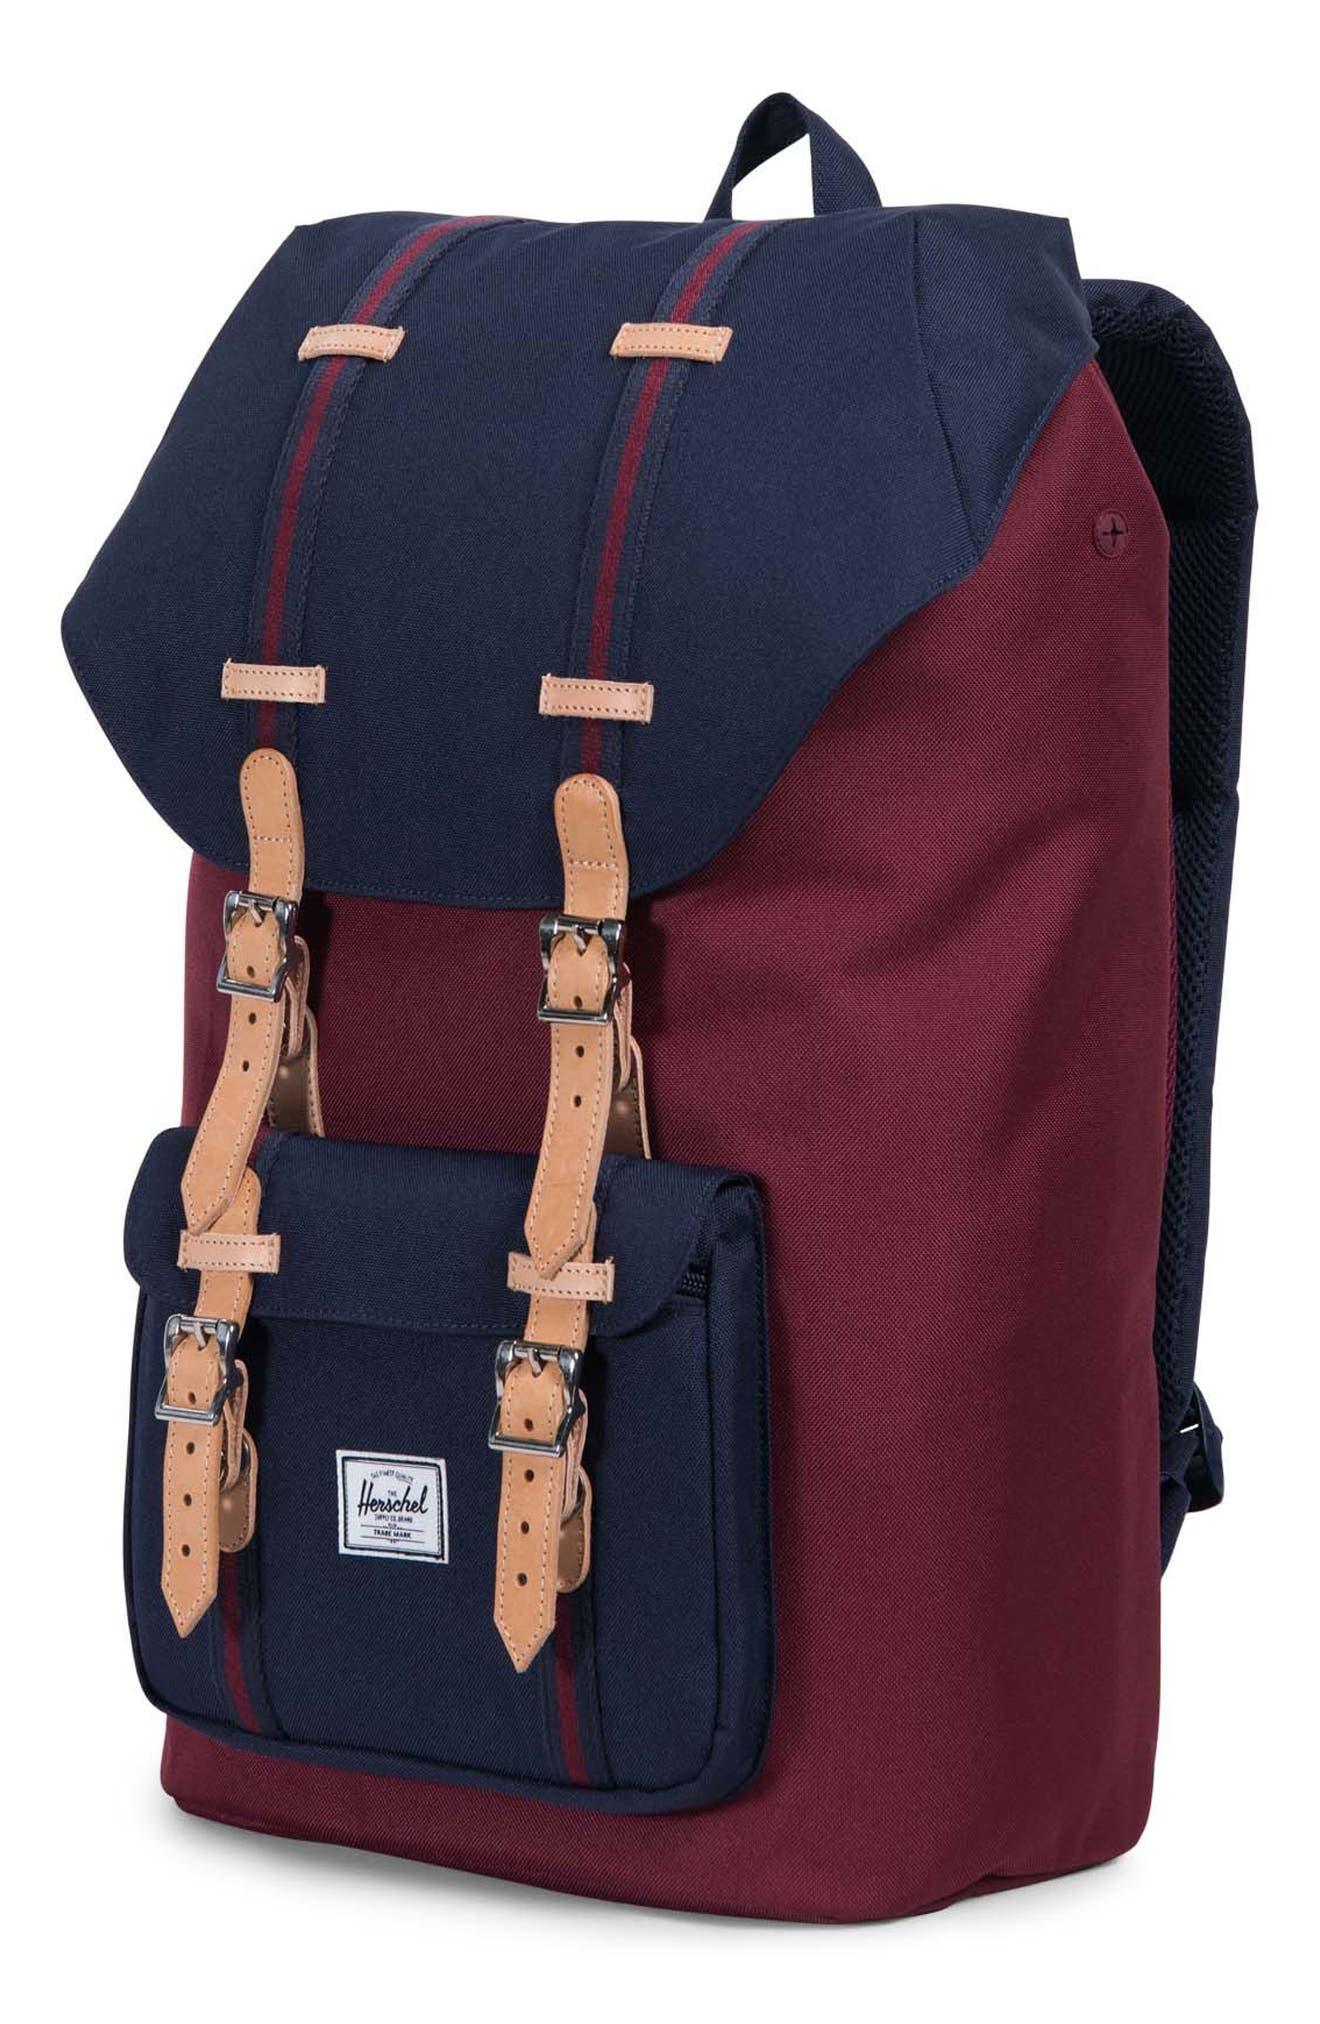 Little America Backpack,                             Alternate thumbnail 4, color,                             Windsor Wine/